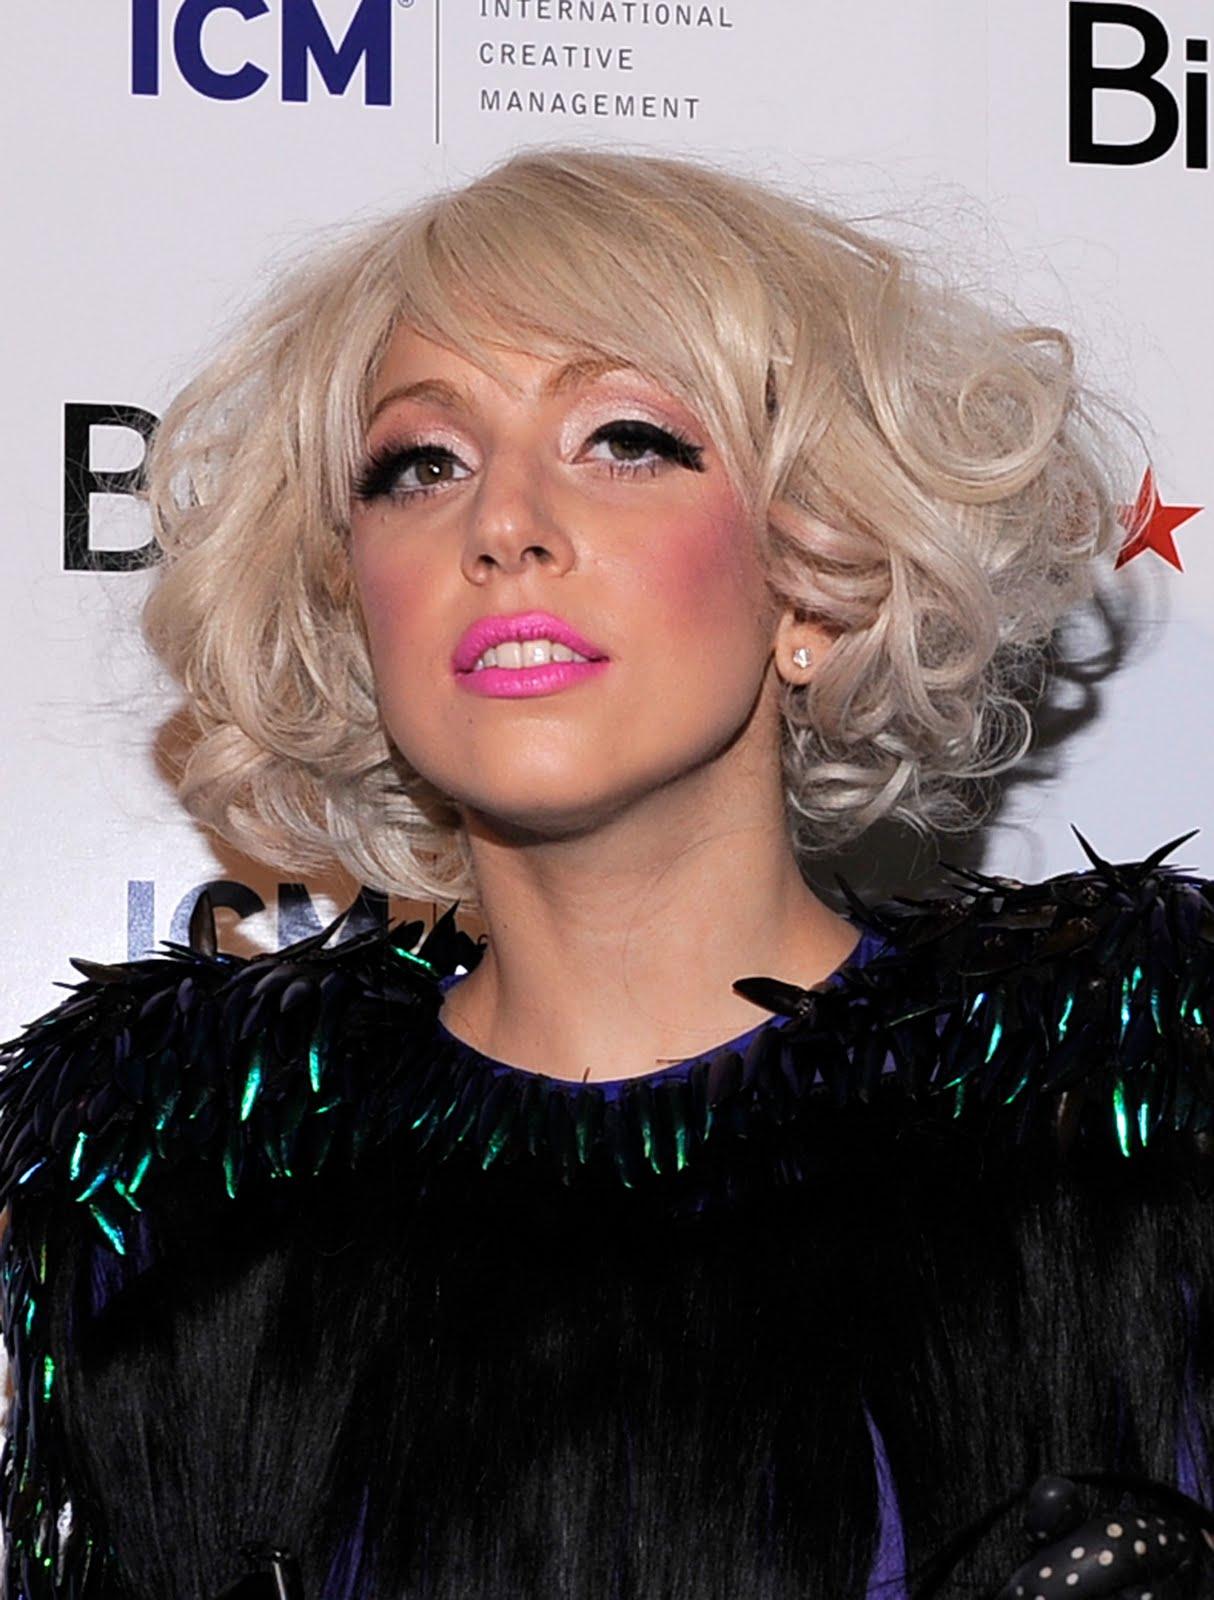 http://1.bp.blogspot.com/_fexYn6MKkGs/S9nEreioAhI/AAAAAAAAACU/-OUgIVmKzPc/s1600/lady_gaga_halloween.jpg